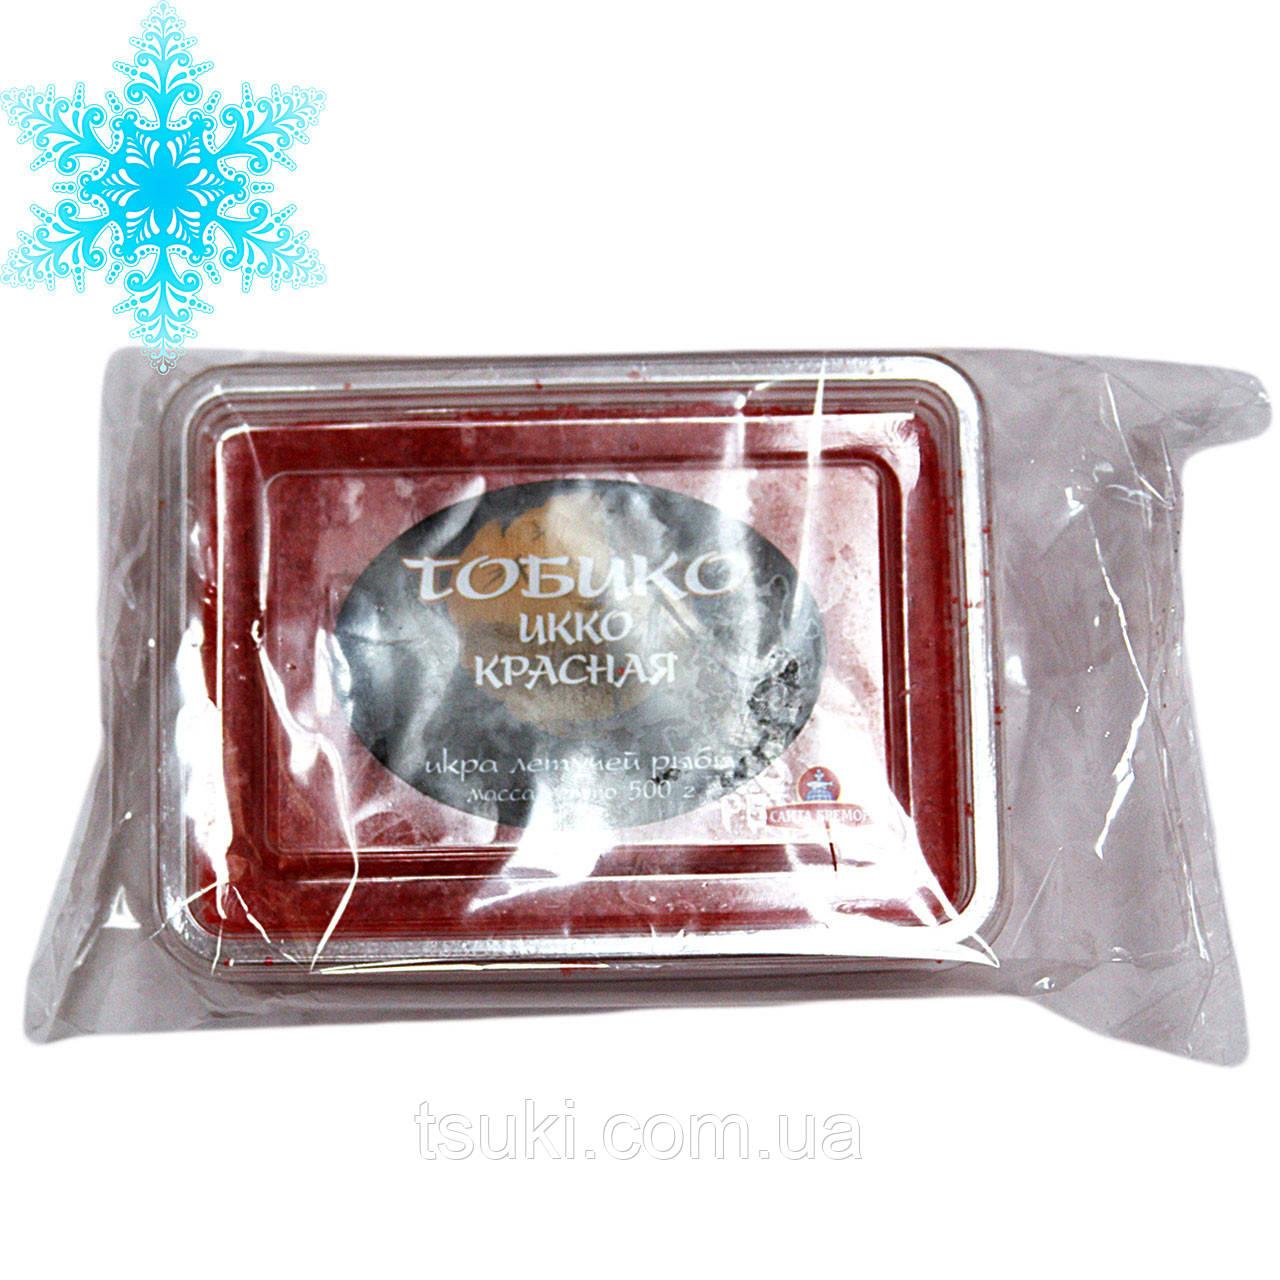 Икра Тобико Икко летучей рыбы красная замороженная 0,5кг